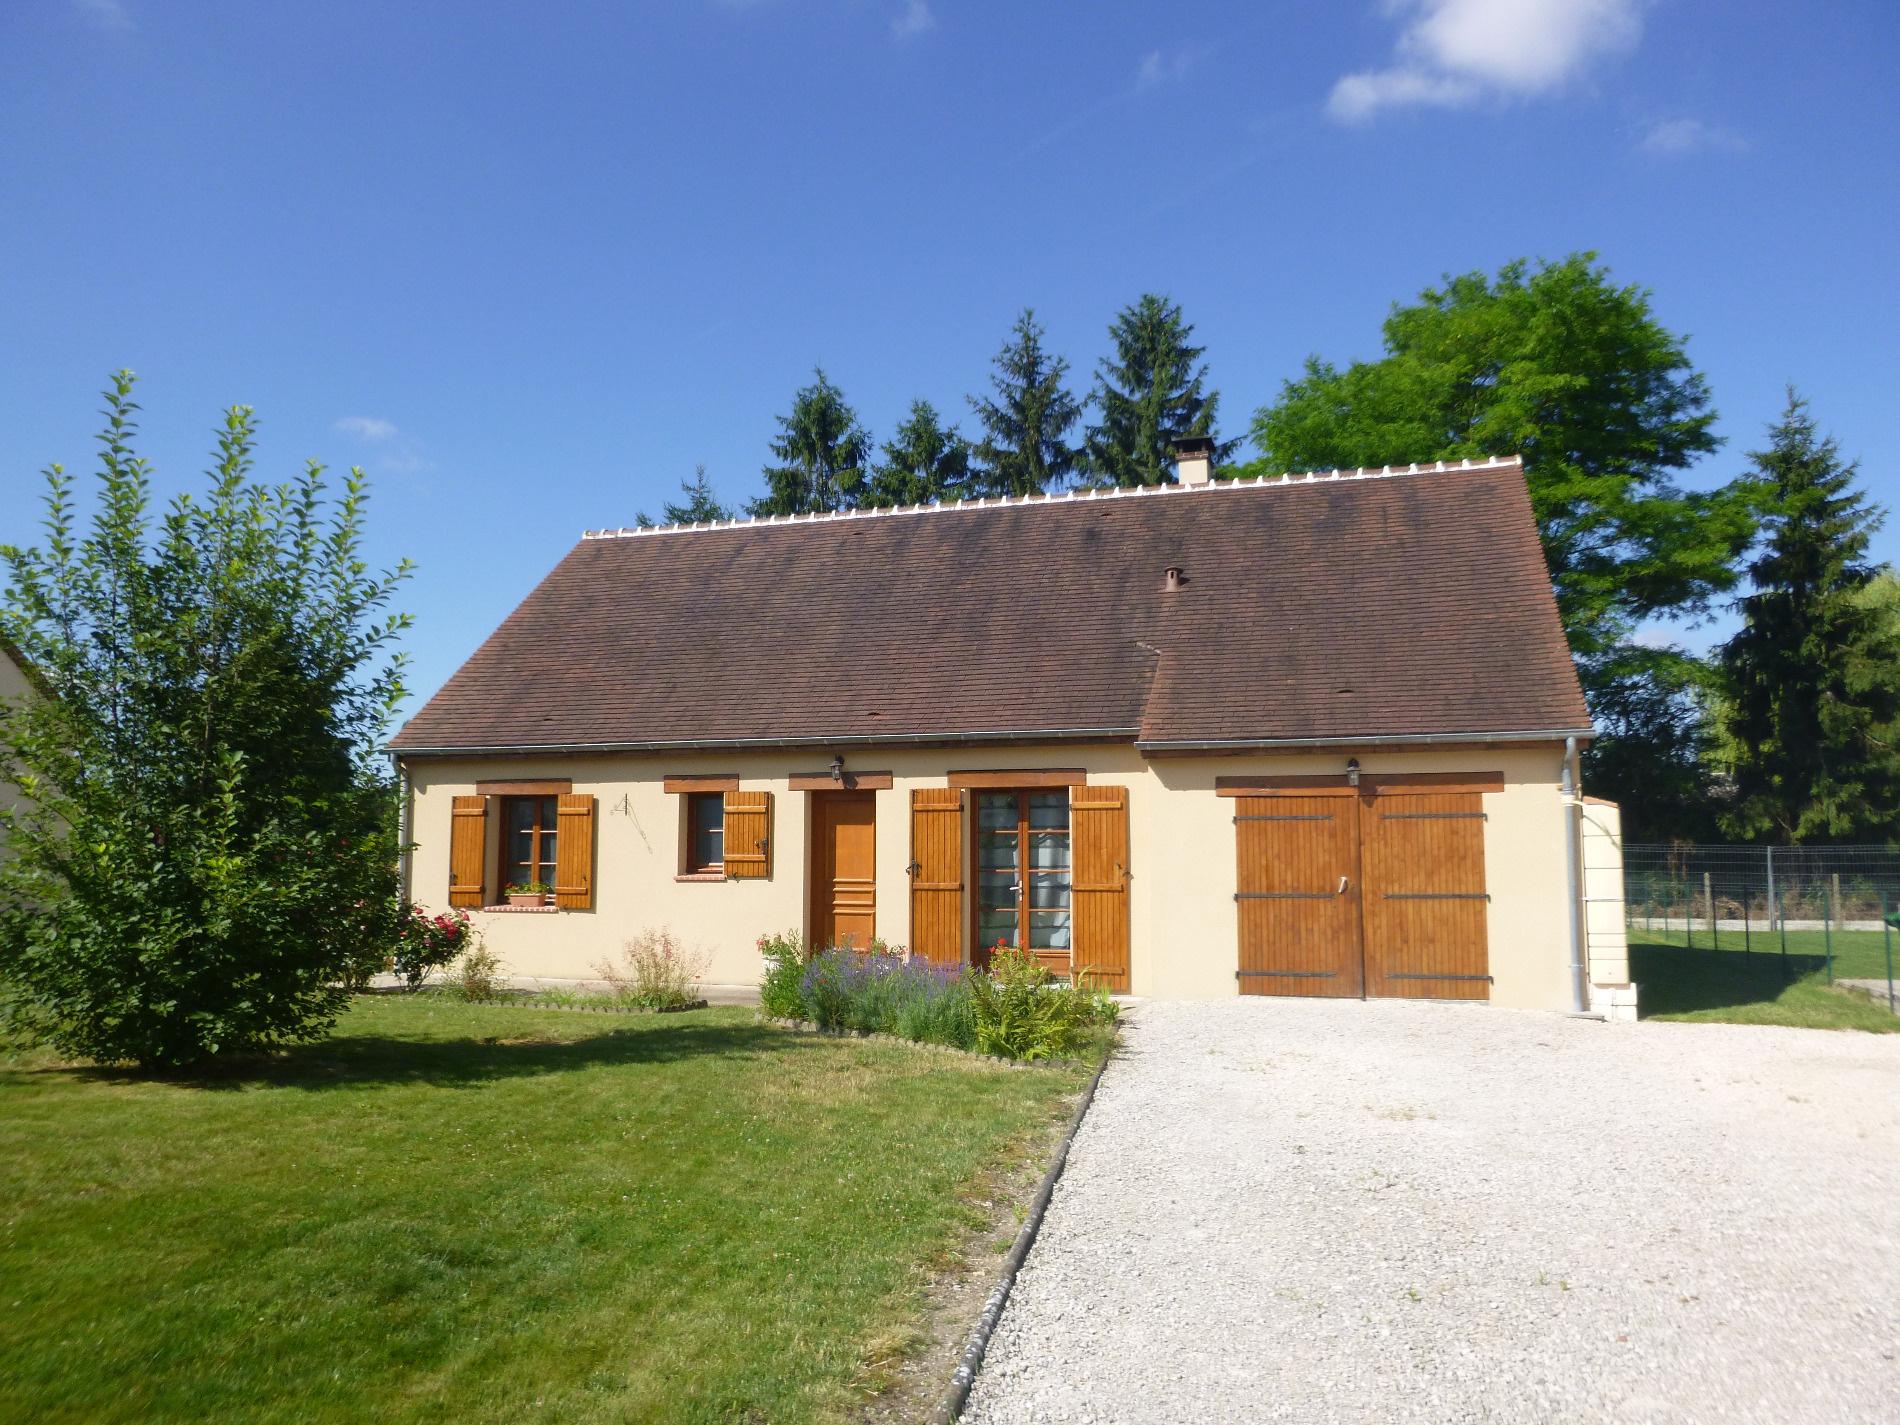 Vente maison a vendre proche de saint aignan sur cher for A vente maison